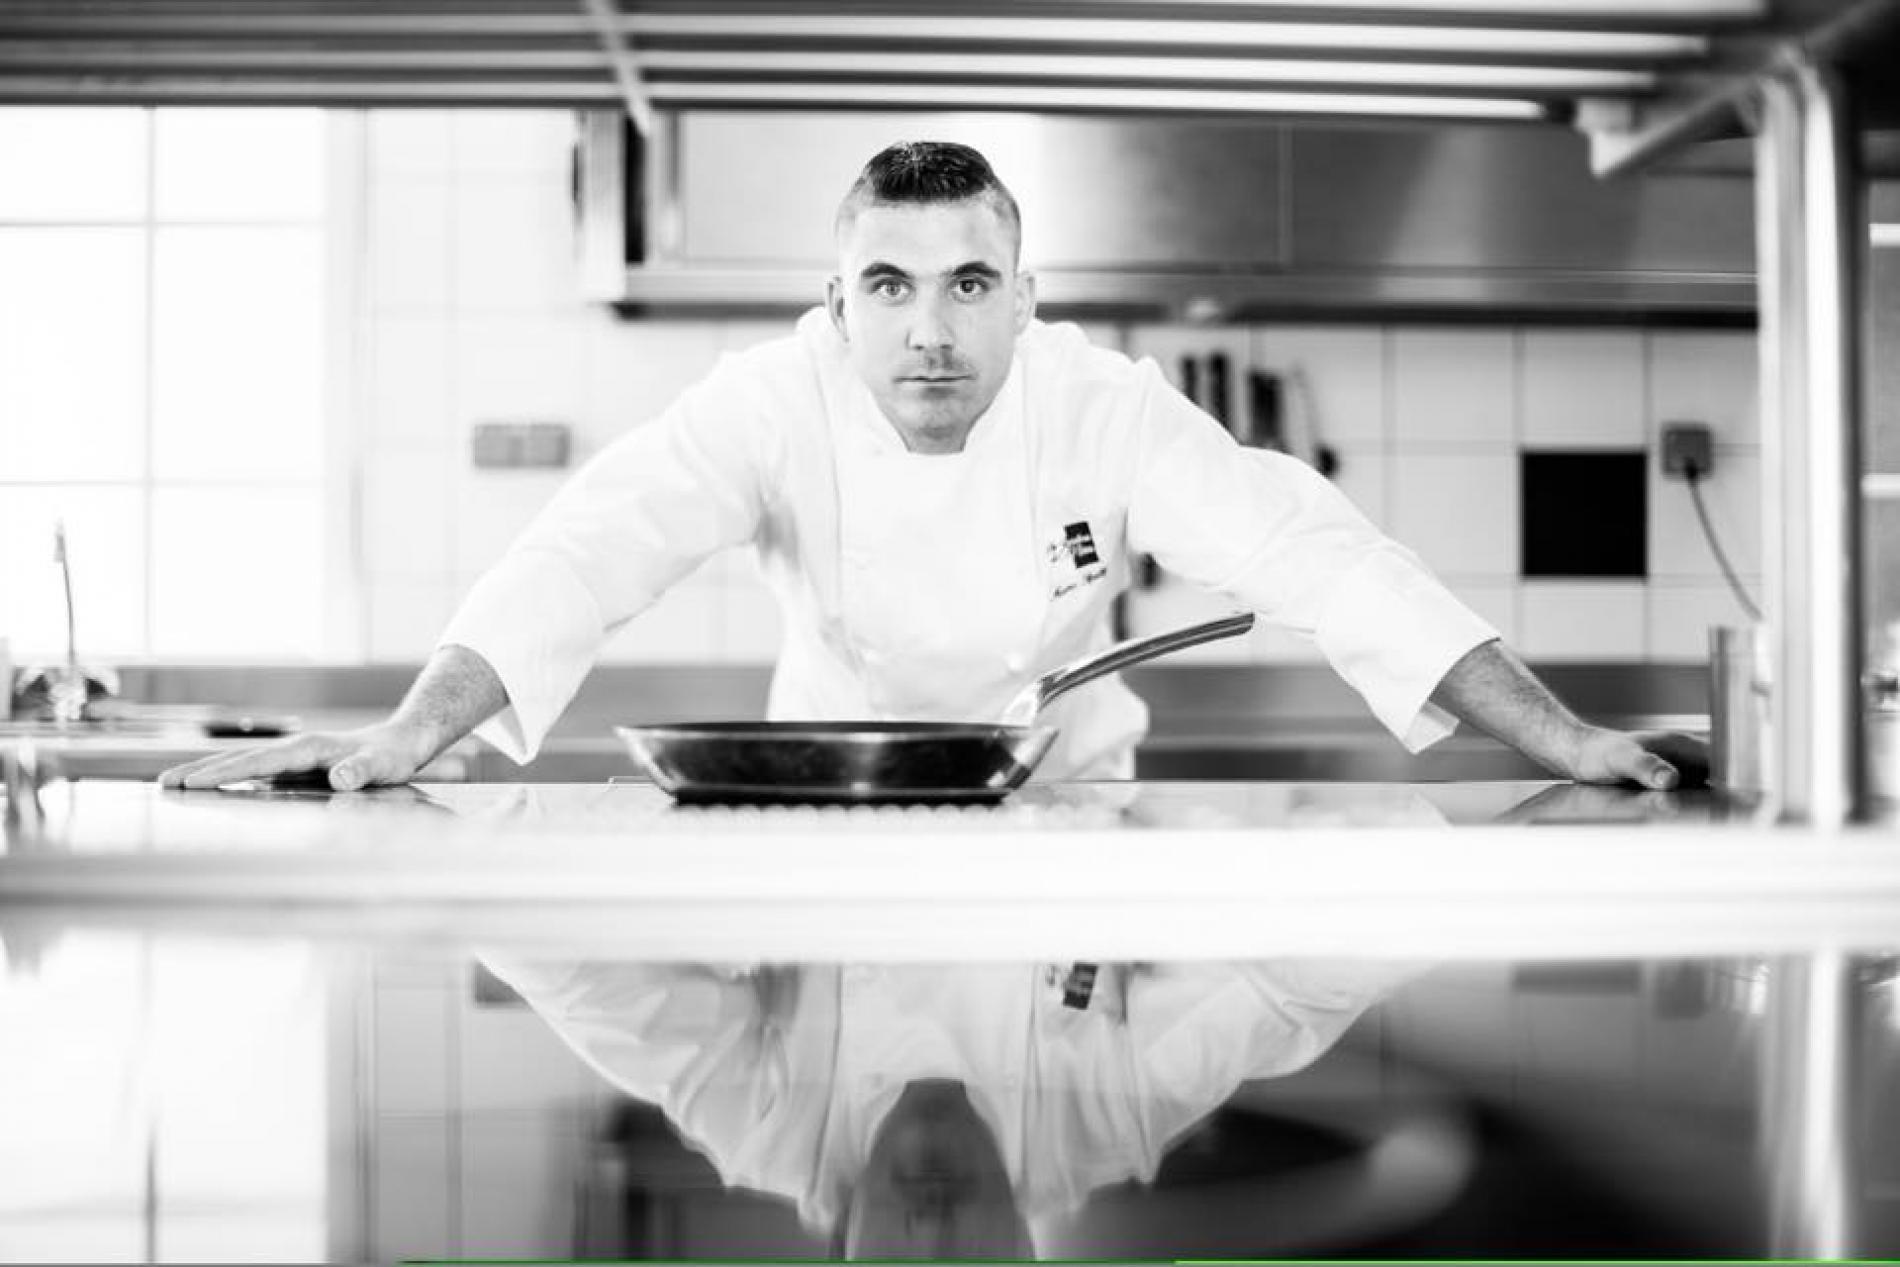 Le Chef Marc Spitz